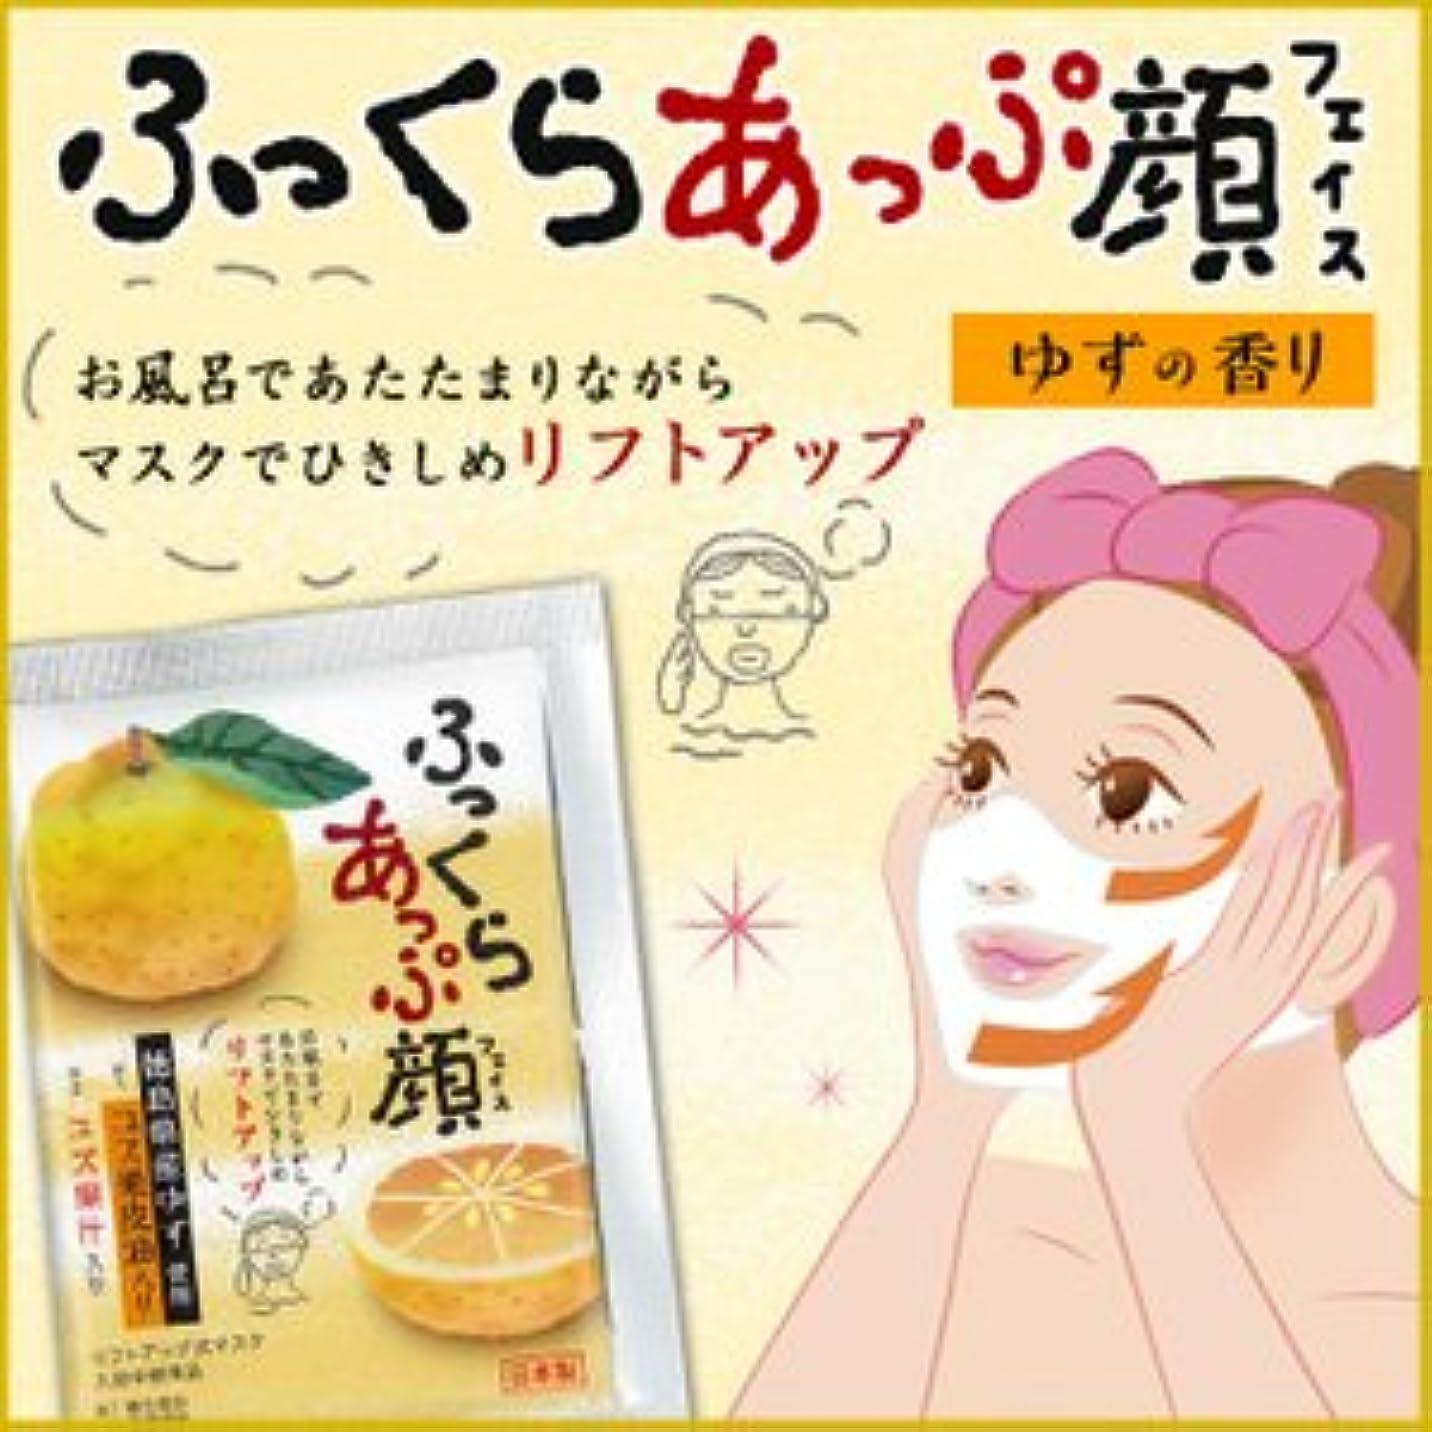 熟考する劇場悔い改めリフトアップ フェイスマスク ゆずの香り(20ml×1×7枚)